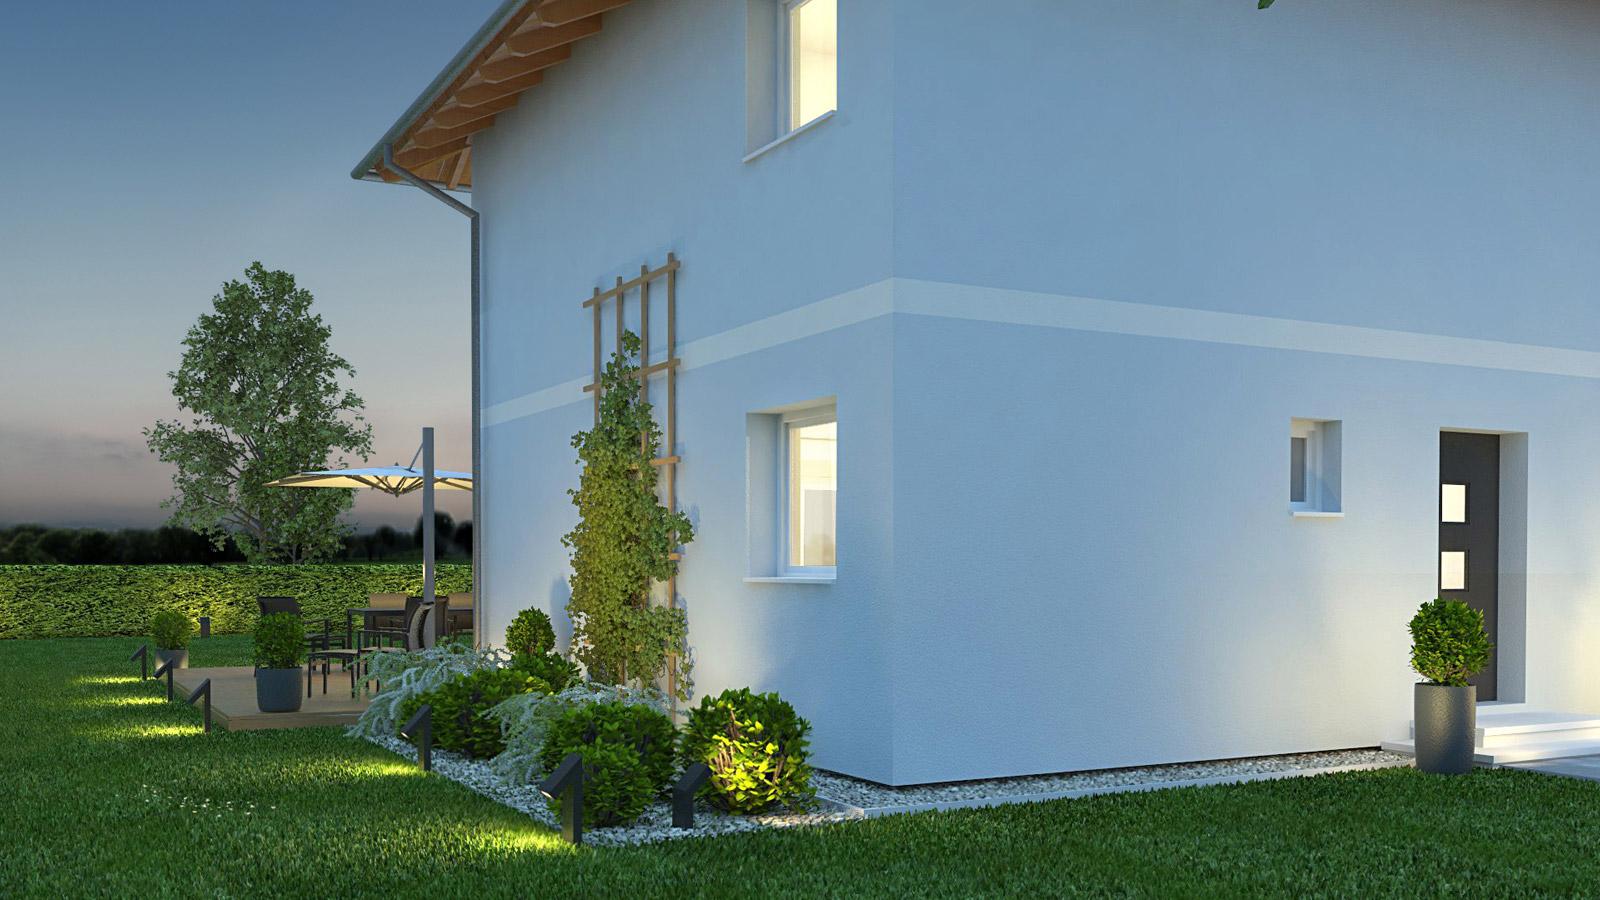 http://www.dasloewenhaus.at/wp-content/uploads/2017/02/Loewenhaus_Yellow_Detailansicht_Walmdach_Nacht_Haus-blau.jpg